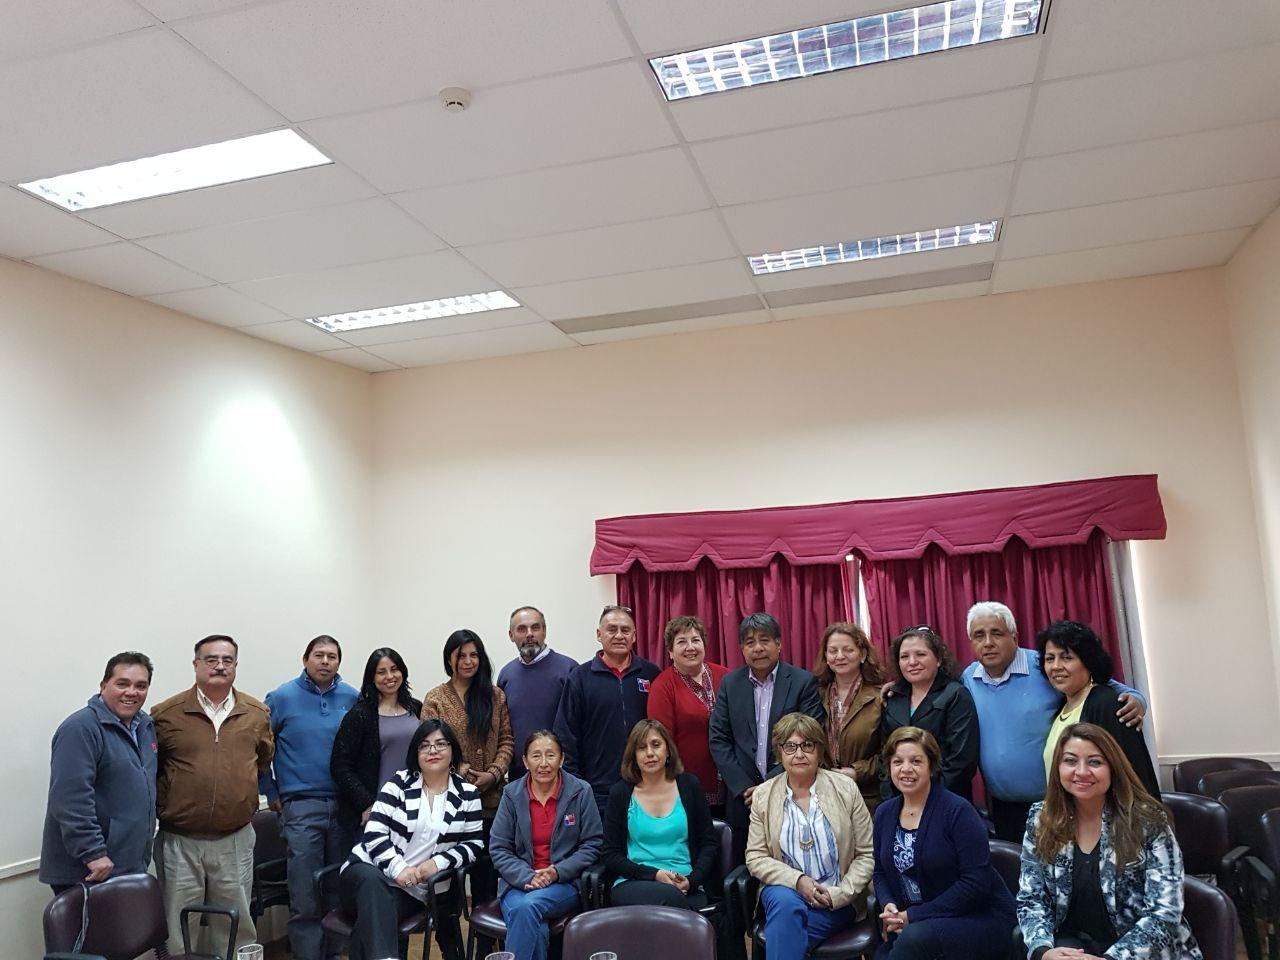 Dirigentes nacionales de ANDIME se reúnen con asociados/as de Deprov Loa y Deprov y Secreduc Antofagasta